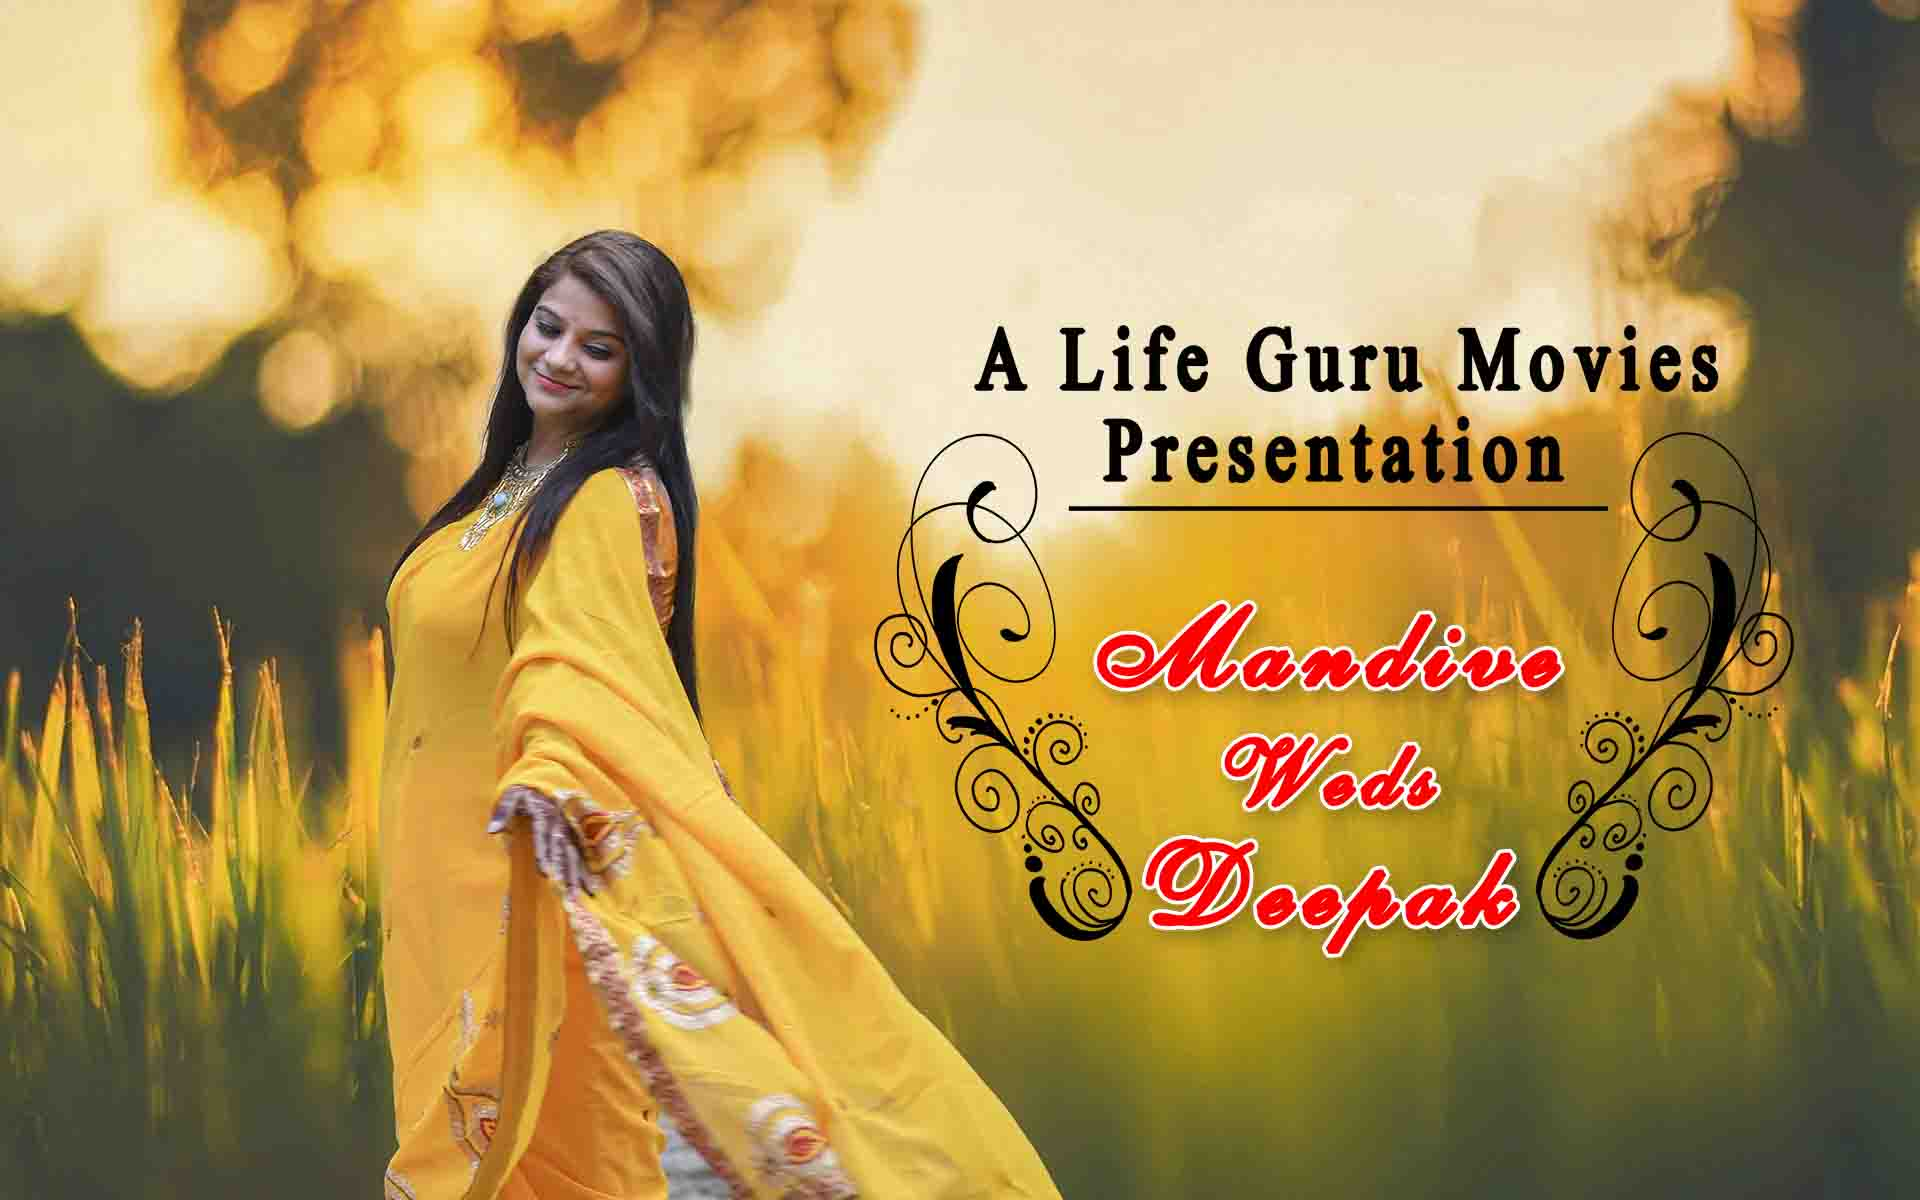 Mandvie Weds Deepak